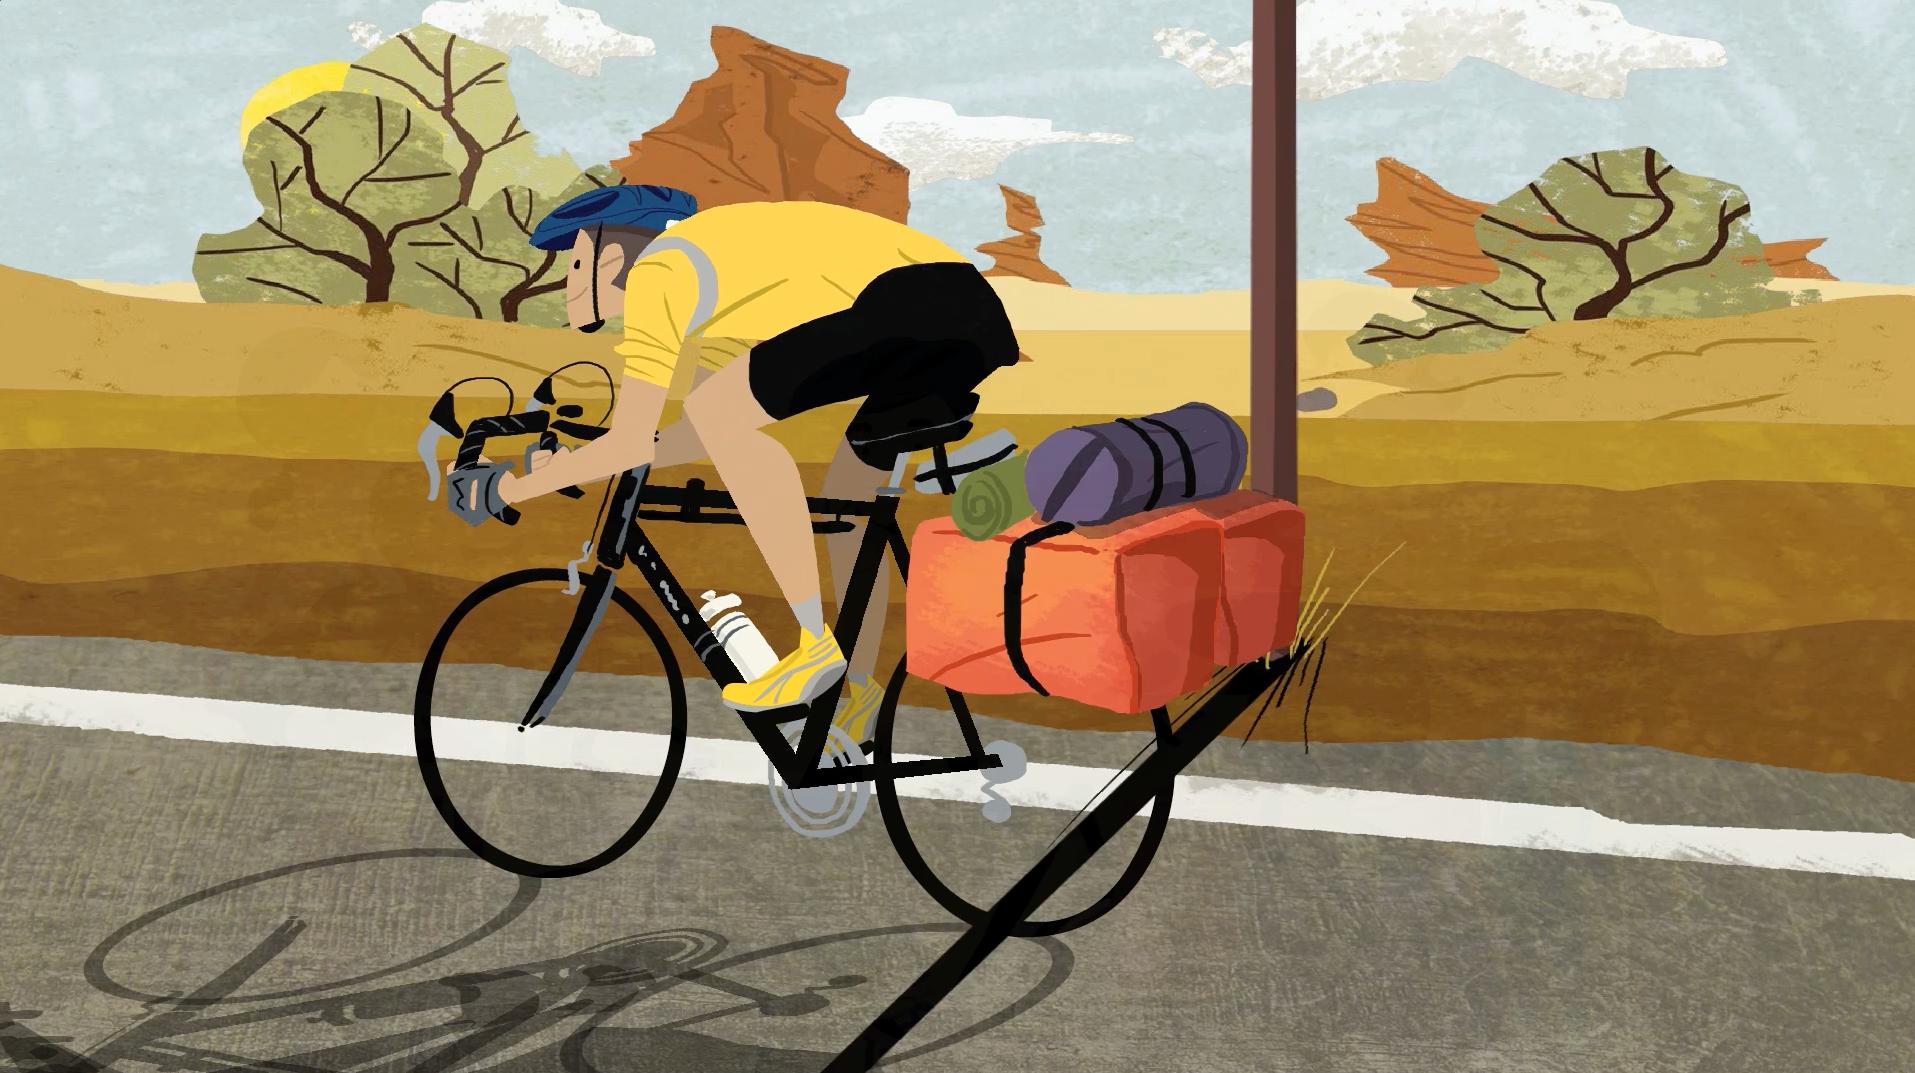 Herrington on bike